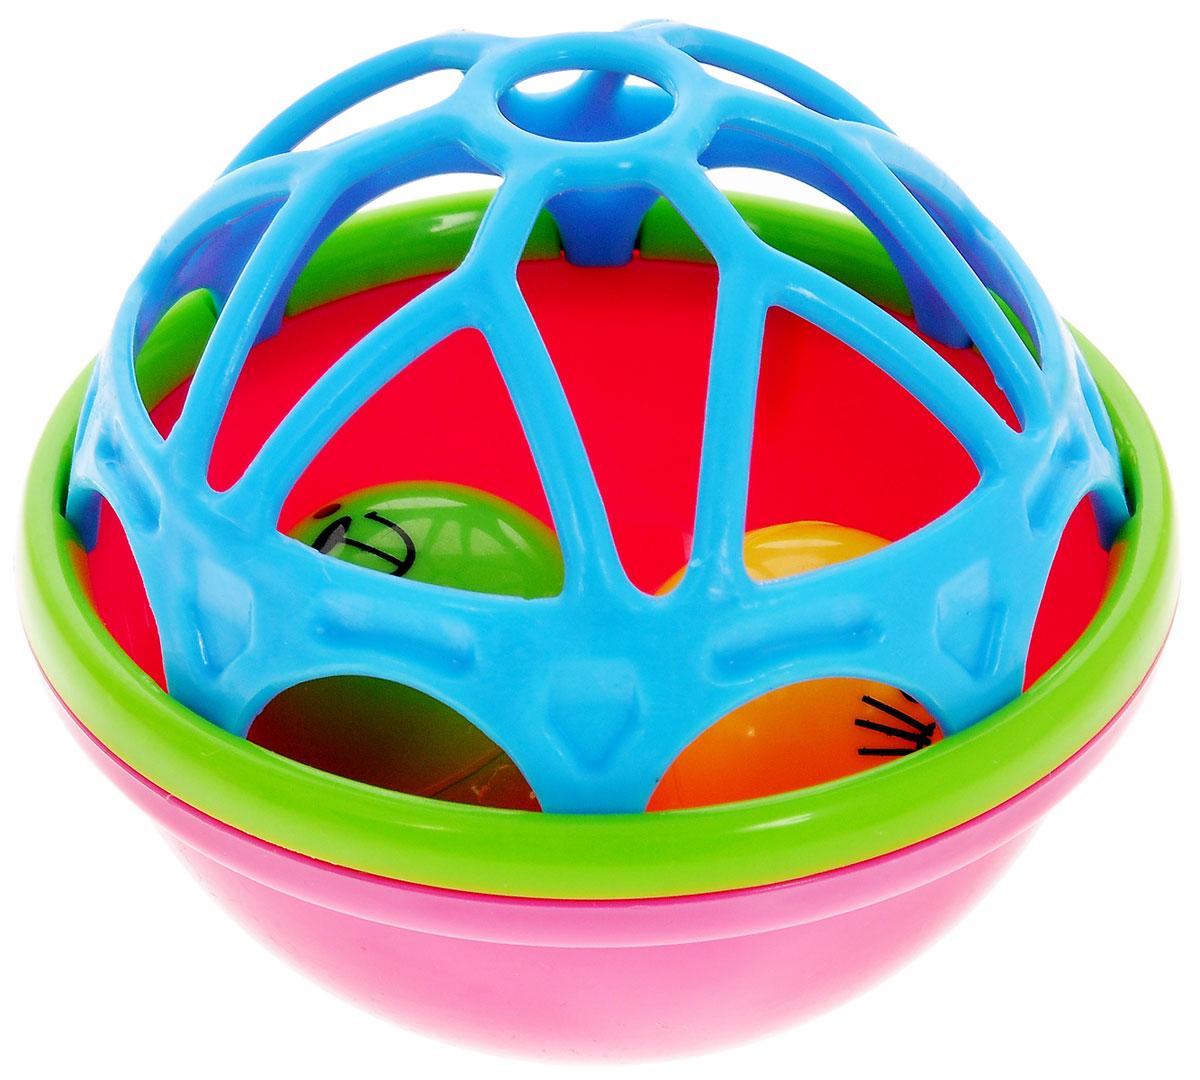 Mioshi Погремушка для ванной Лучшие друзья цвет голубой розовый, Jinjiang Tanny Toys Co, Ltd